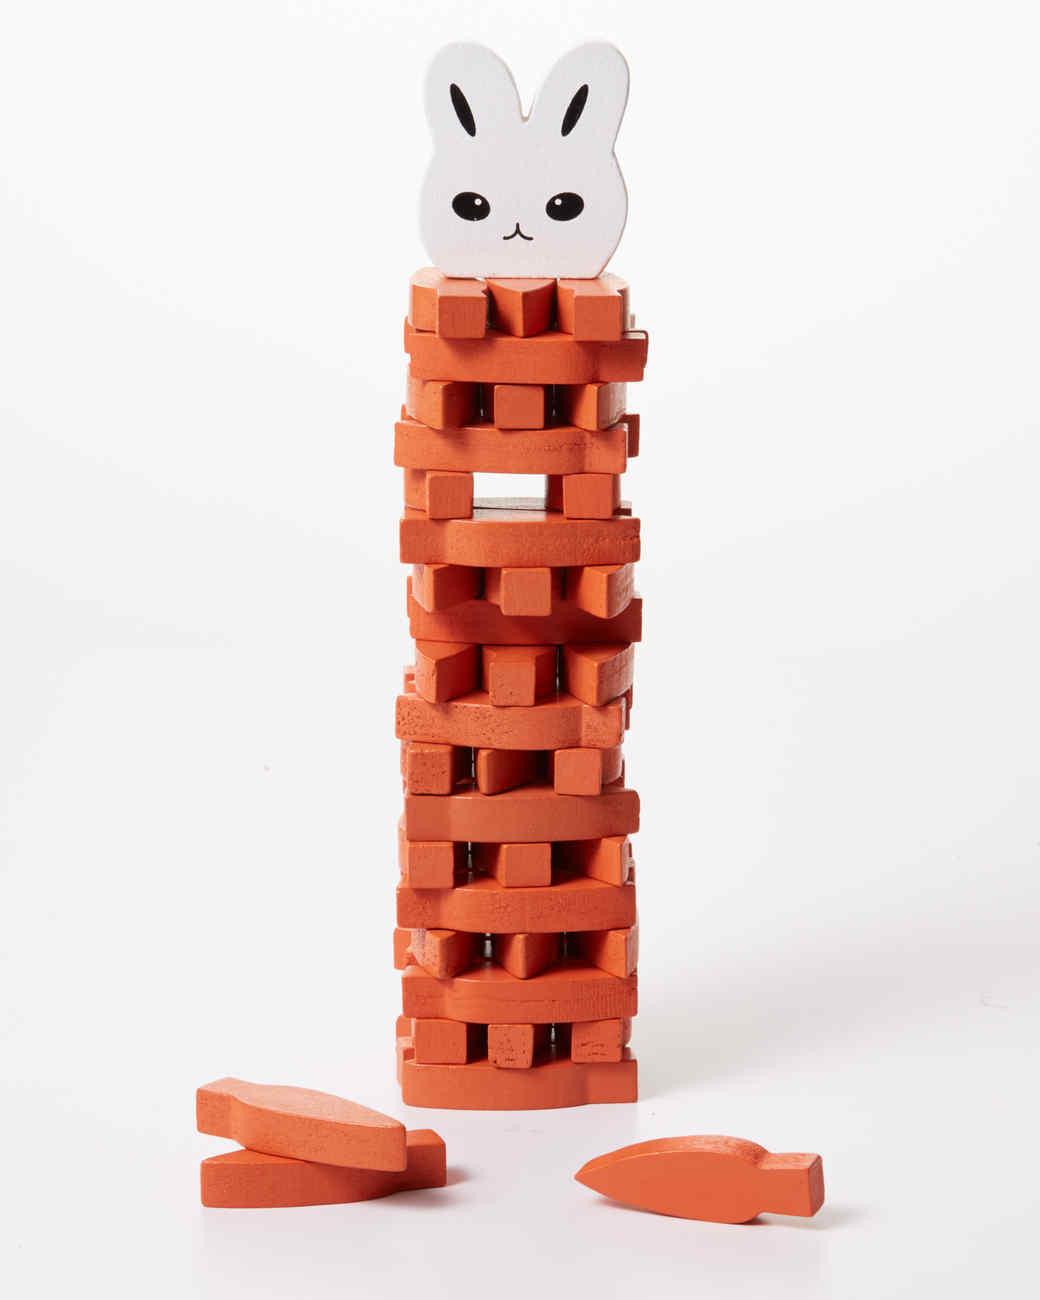 toddler-toy-stack-carrott-2720-d112789-0116.jpg